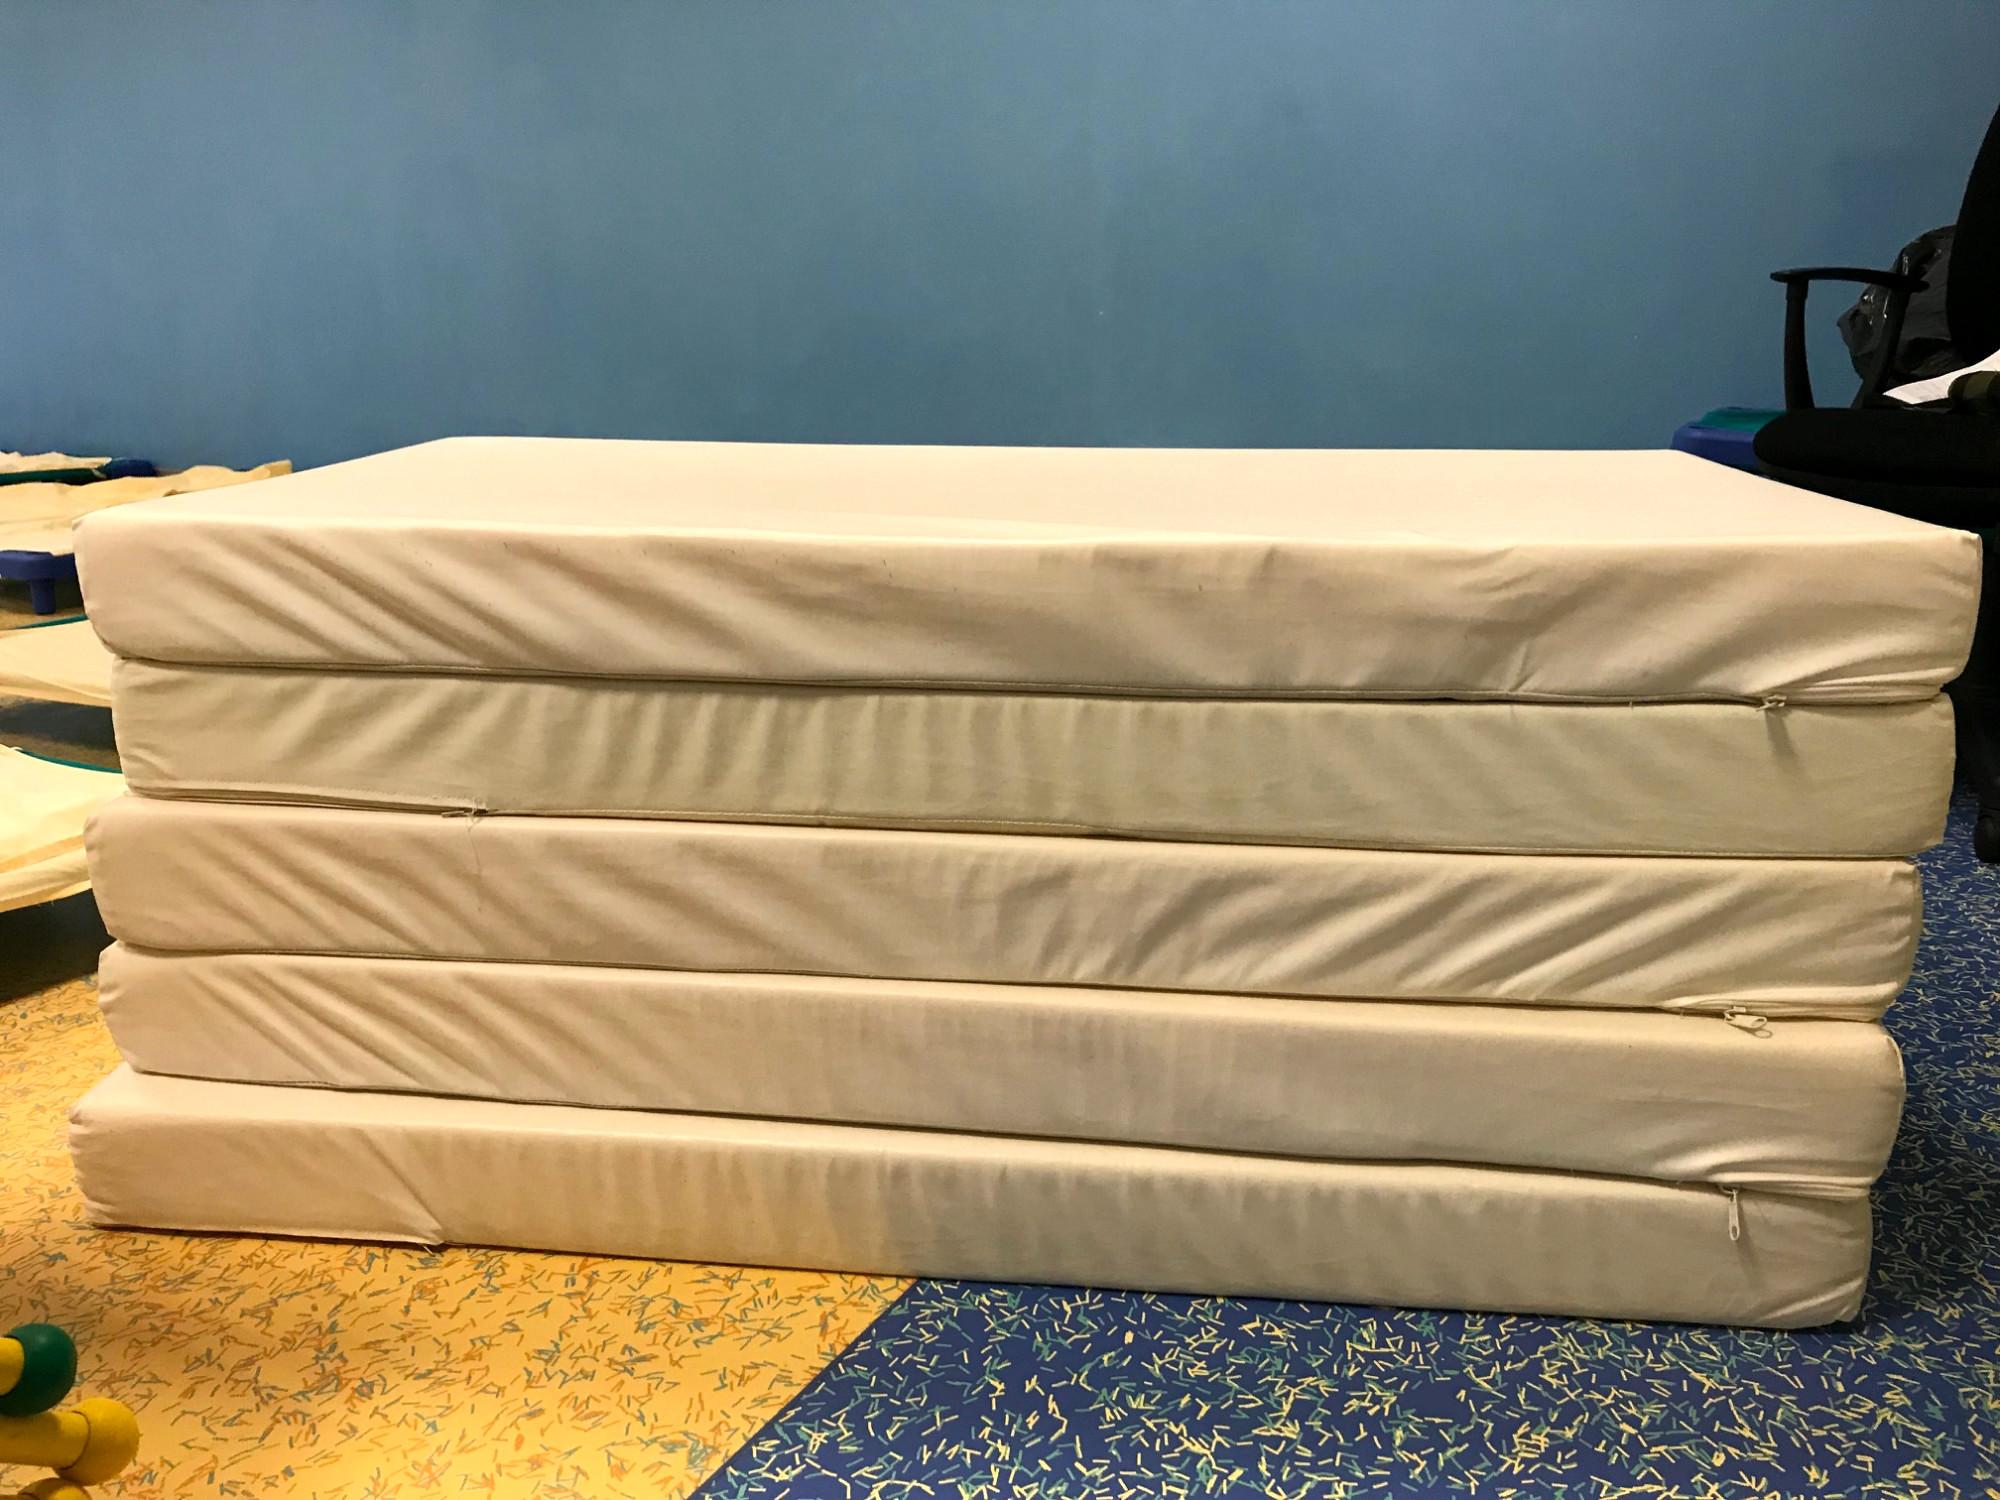 matelas mobilier scolaire d 39 occasion aux ench res. Black Bedroom Furniture Sets. Home Design Ideas